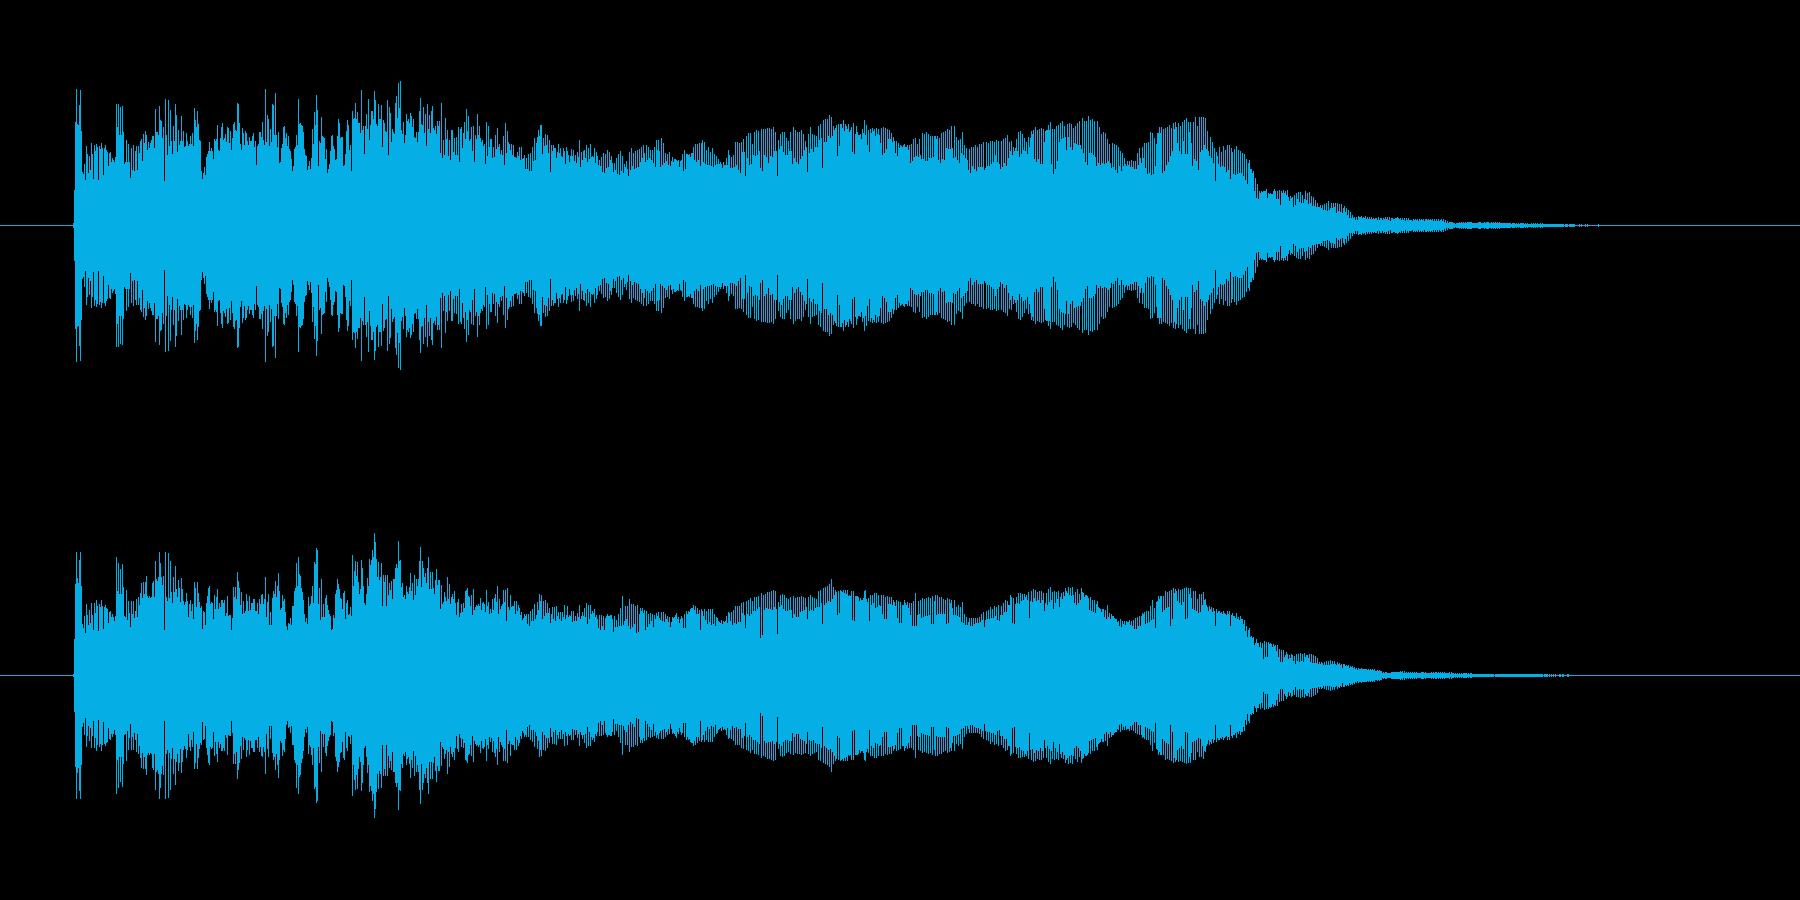 ヘヴィーメタリックなギターフレーズの再生済みの波形